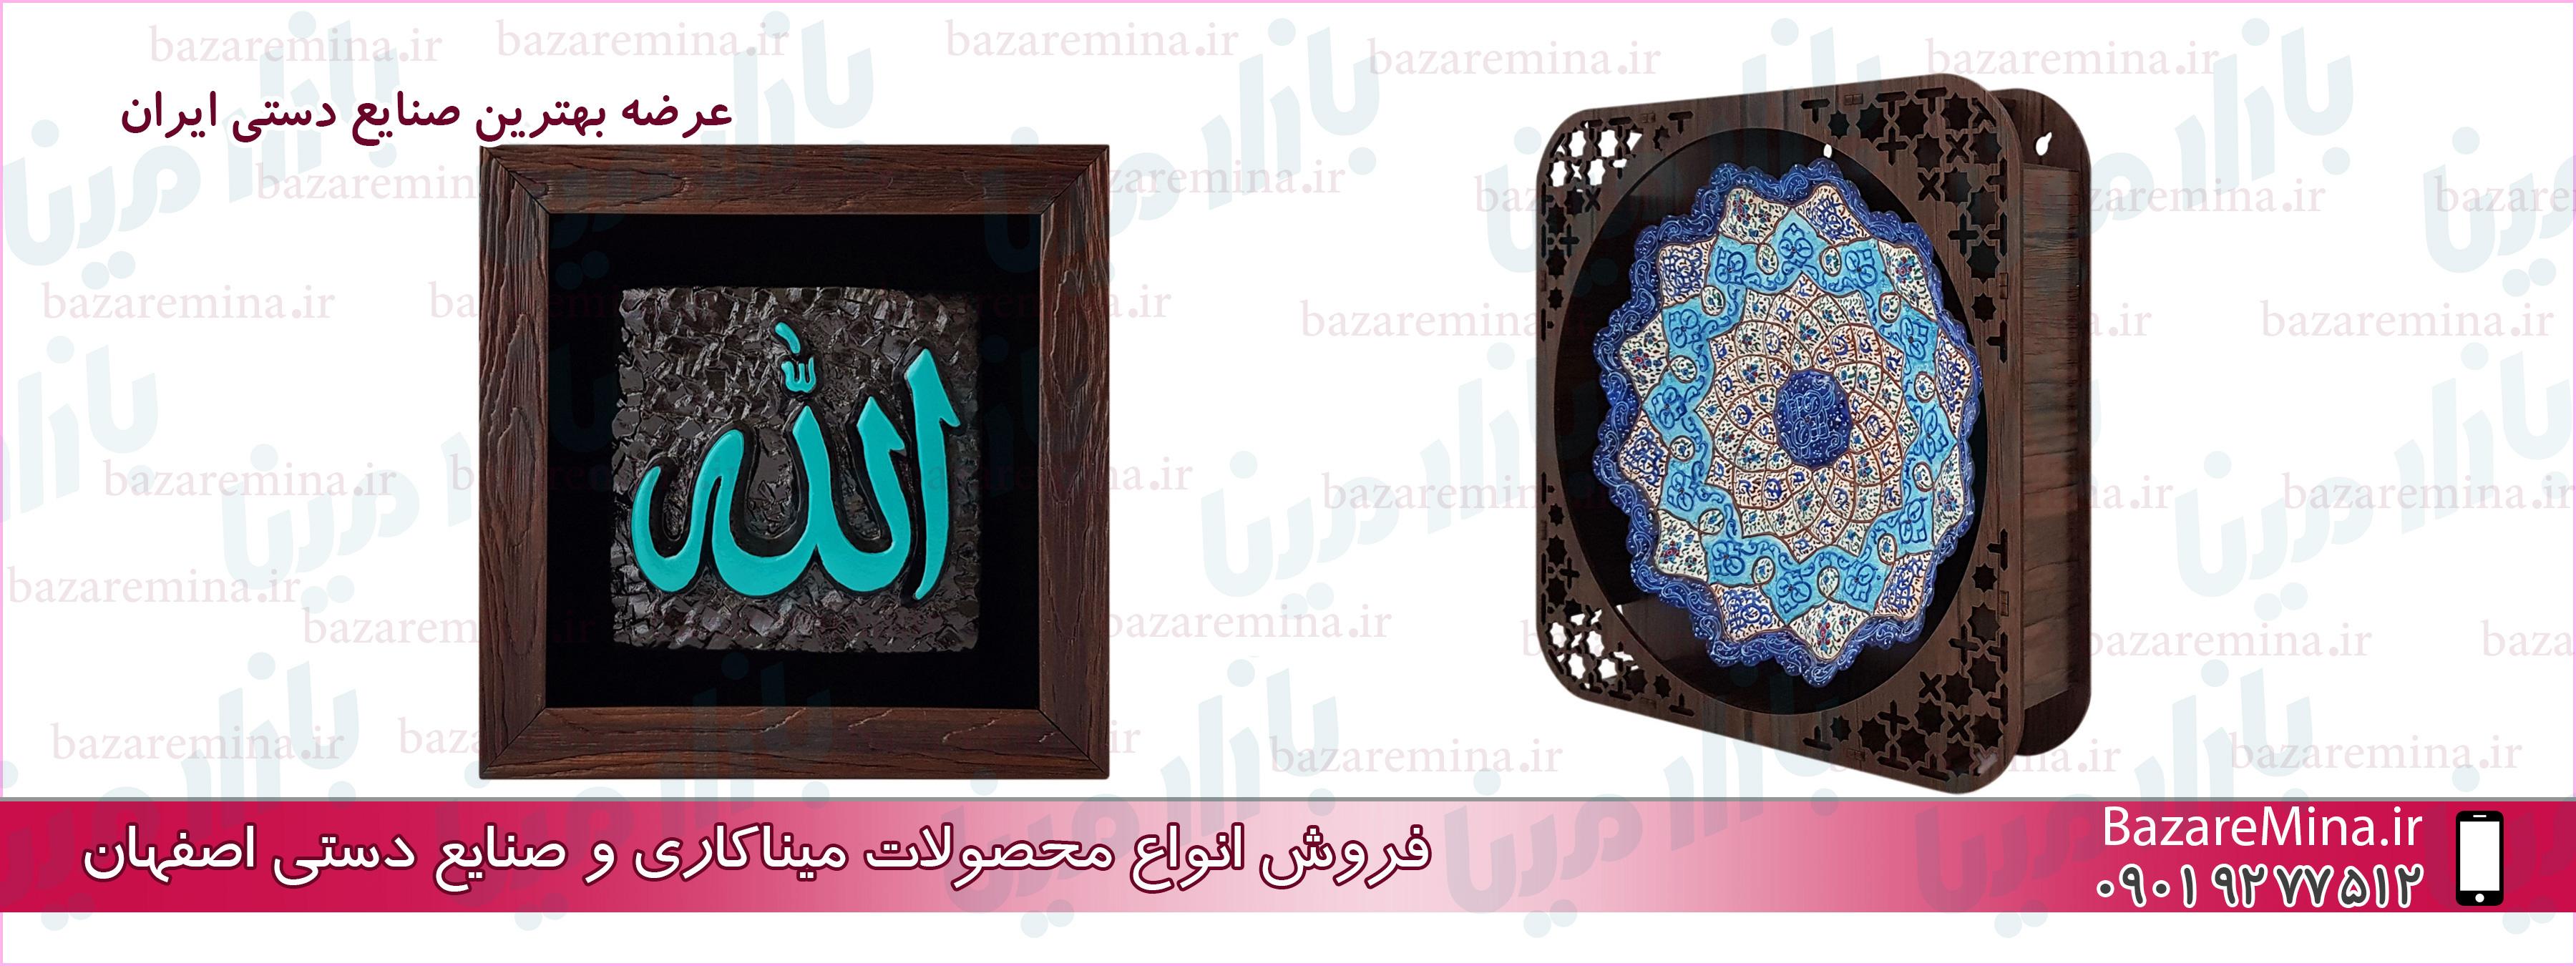 خرید میناکاری در اصفهان